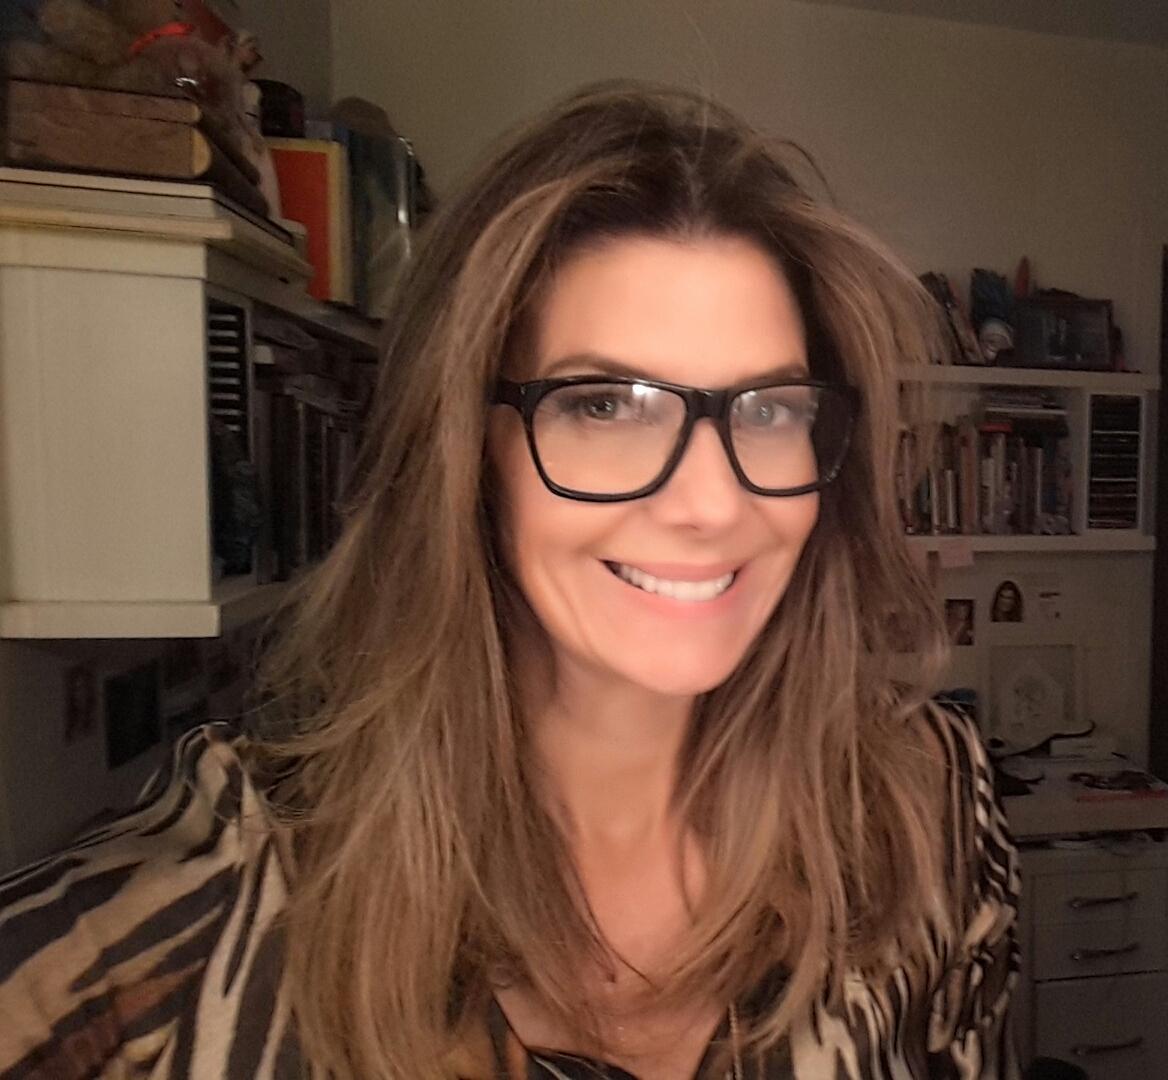 Óculos de grau! Escolha a armação perfeita para seu rosto   Fabiana ... e33d259ab4